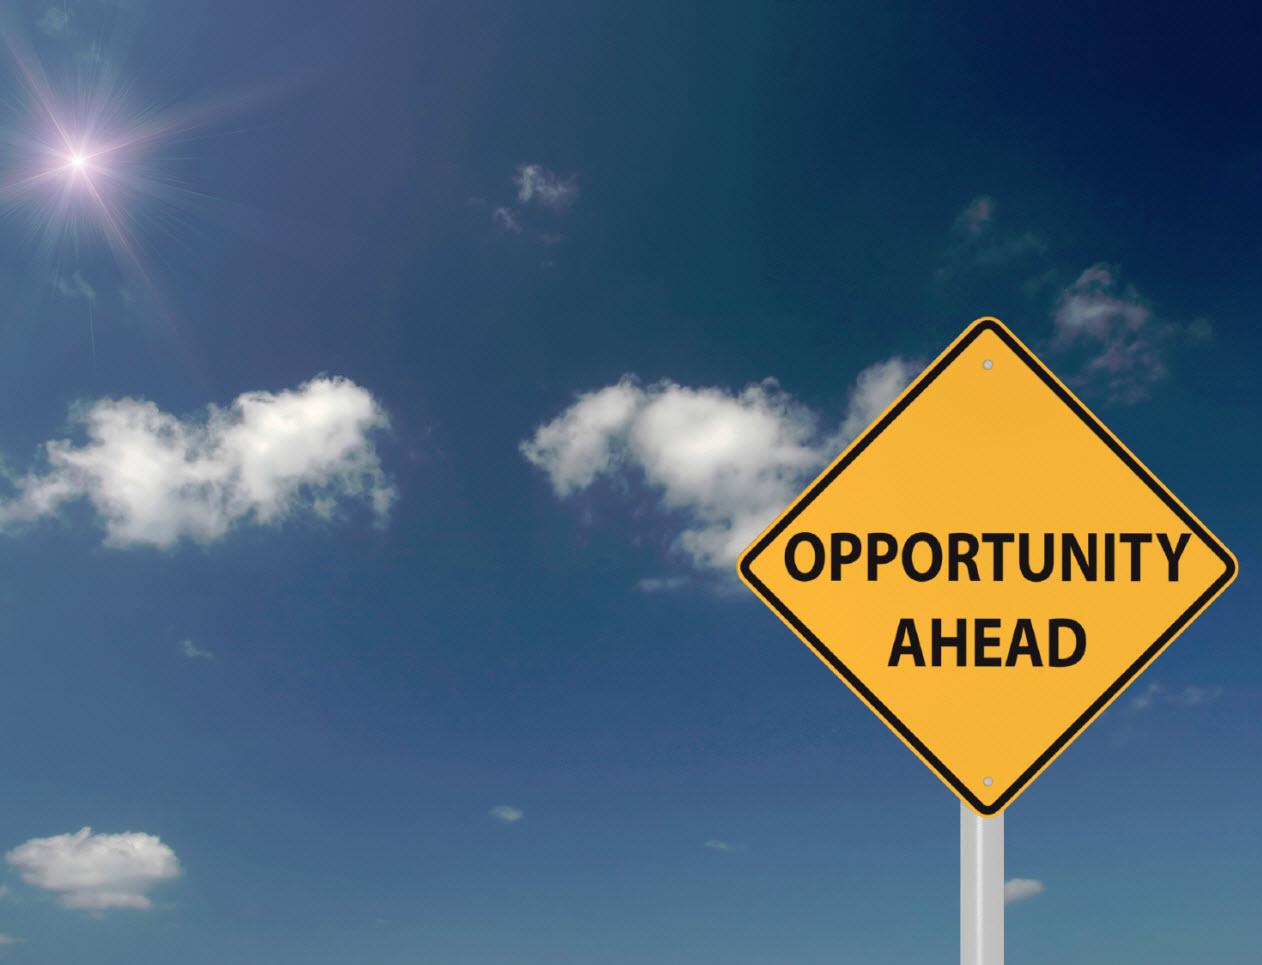 Como aproveitar as oportunidades l Prepare-se com a Fórmula de Lançamento